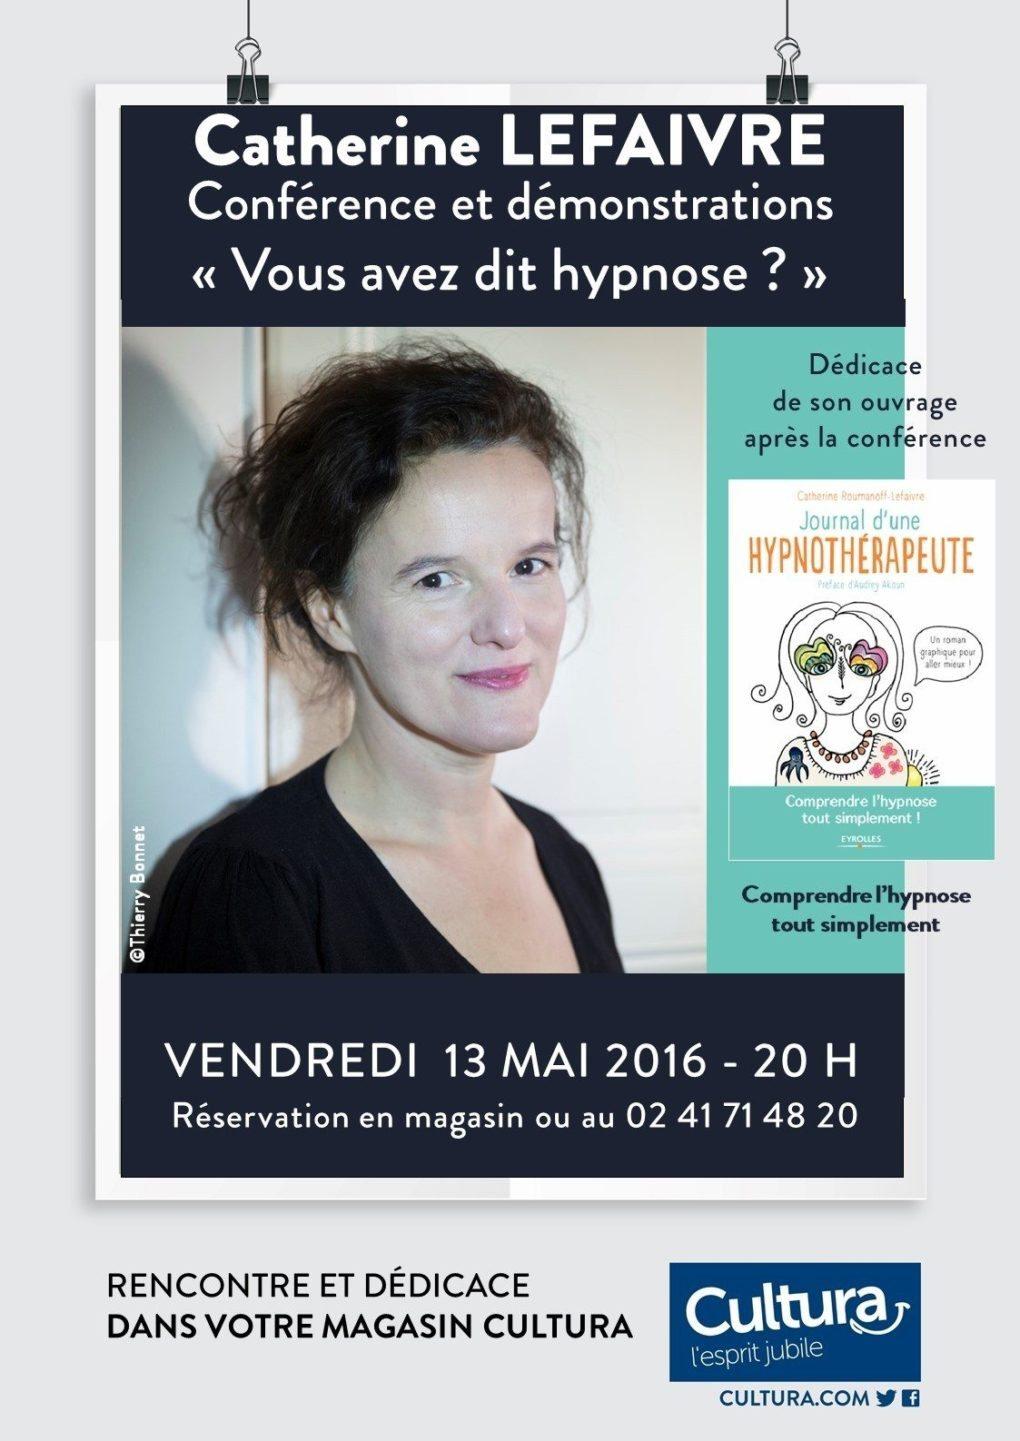 Conférence de Catherine Lefaivre : Vous avez dit hypnose ? Cholet